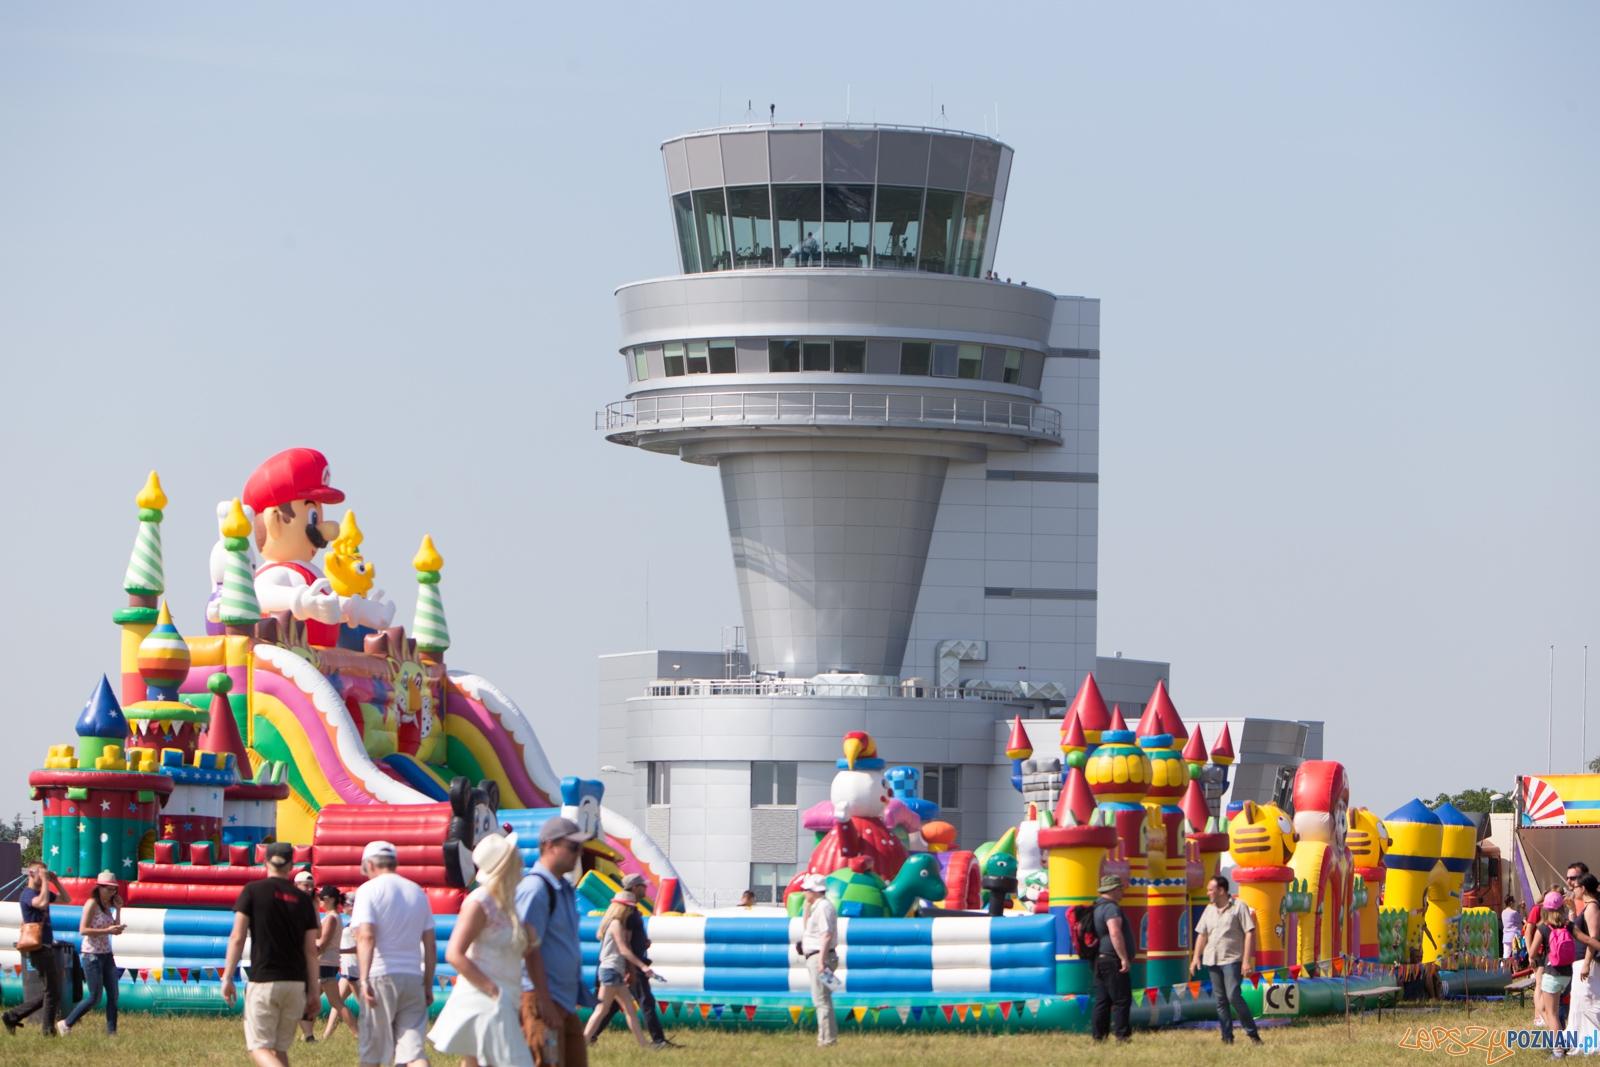 Aerofestival 2015 - wieżą lotniska Ławica  Foto: lepszyPOZNAN.pl /Piotr Rychter